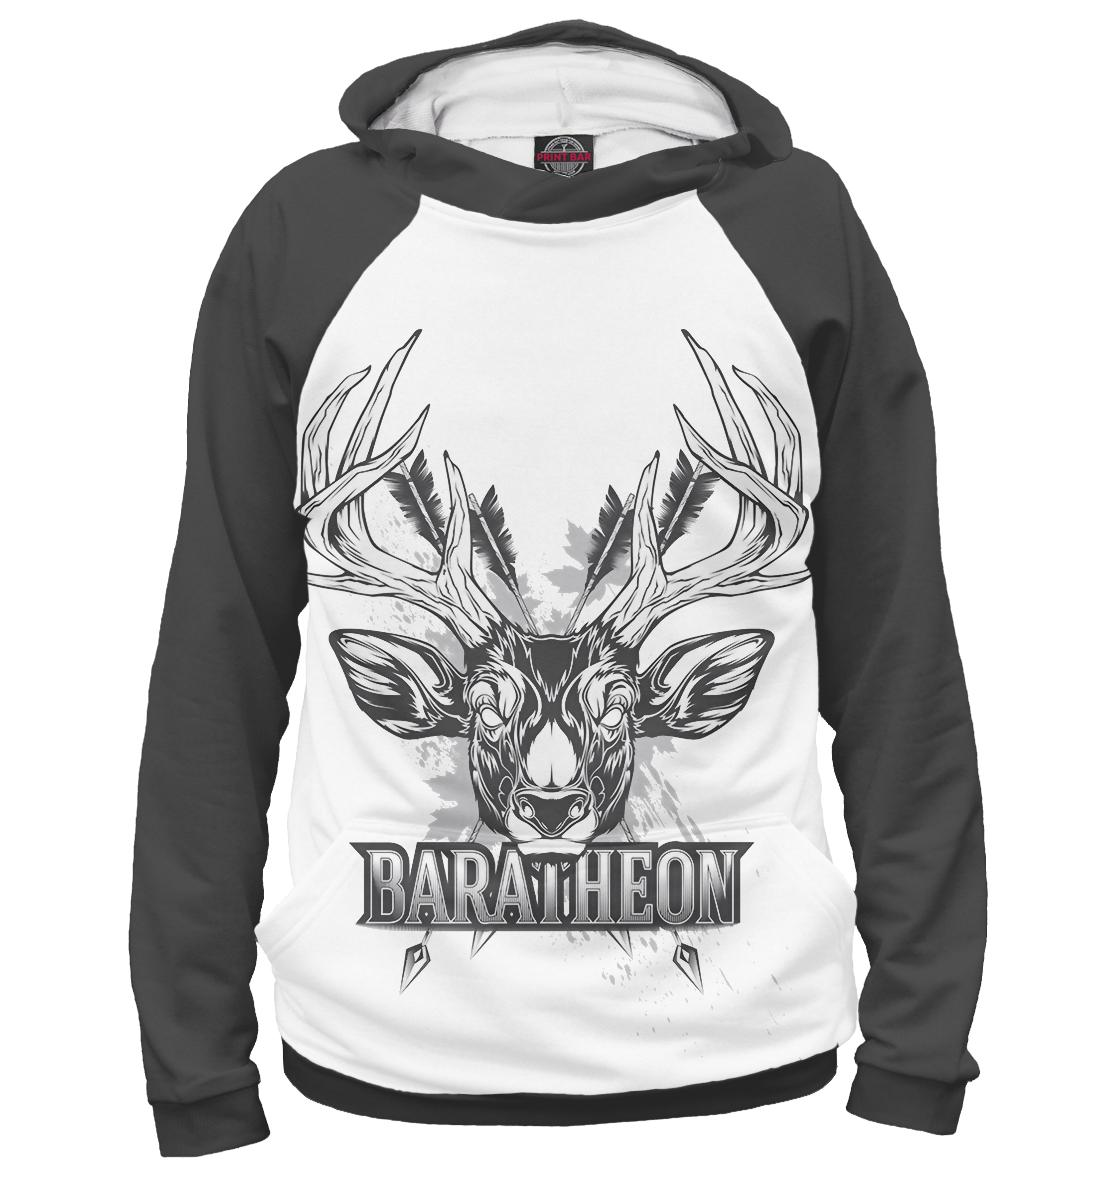 Купить Game of Thrones baratheon, Printbar, Худи, IGR-412238-hud-2